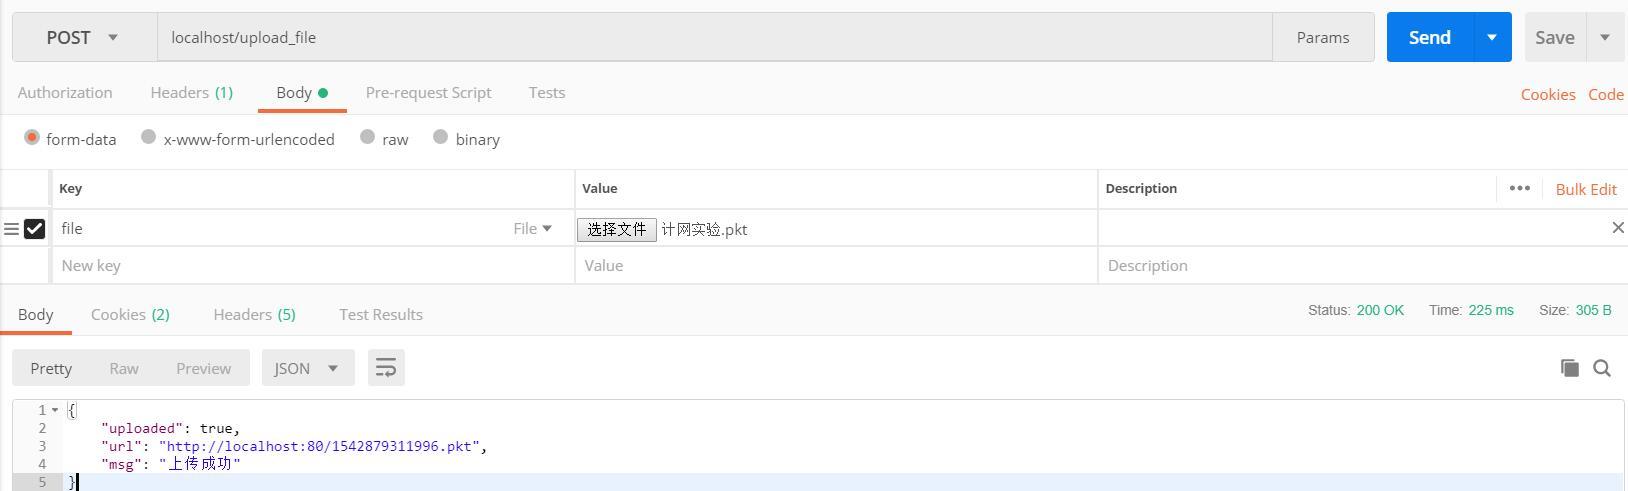 https://vr360-beifengtz.oss-cn-beijing.aliyuncs.com/beifeng-blog/article/%E6%96%87%E4%BB%B6%E5%AD%98%E5%82%A8/20181122173605.jpg